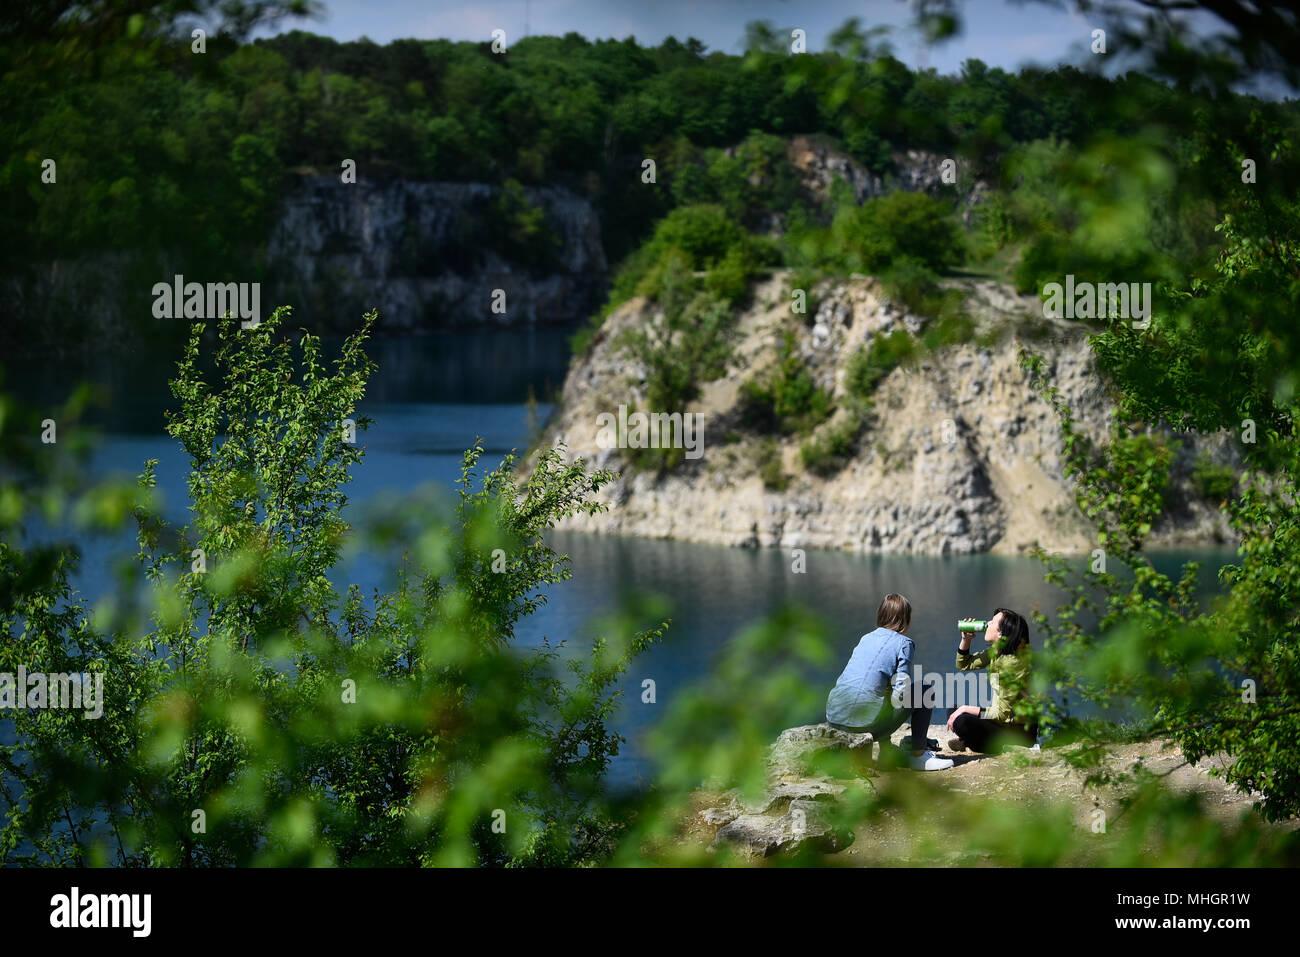 A view of Zakrzowek lake in Krakow  Zakrzowek lake was